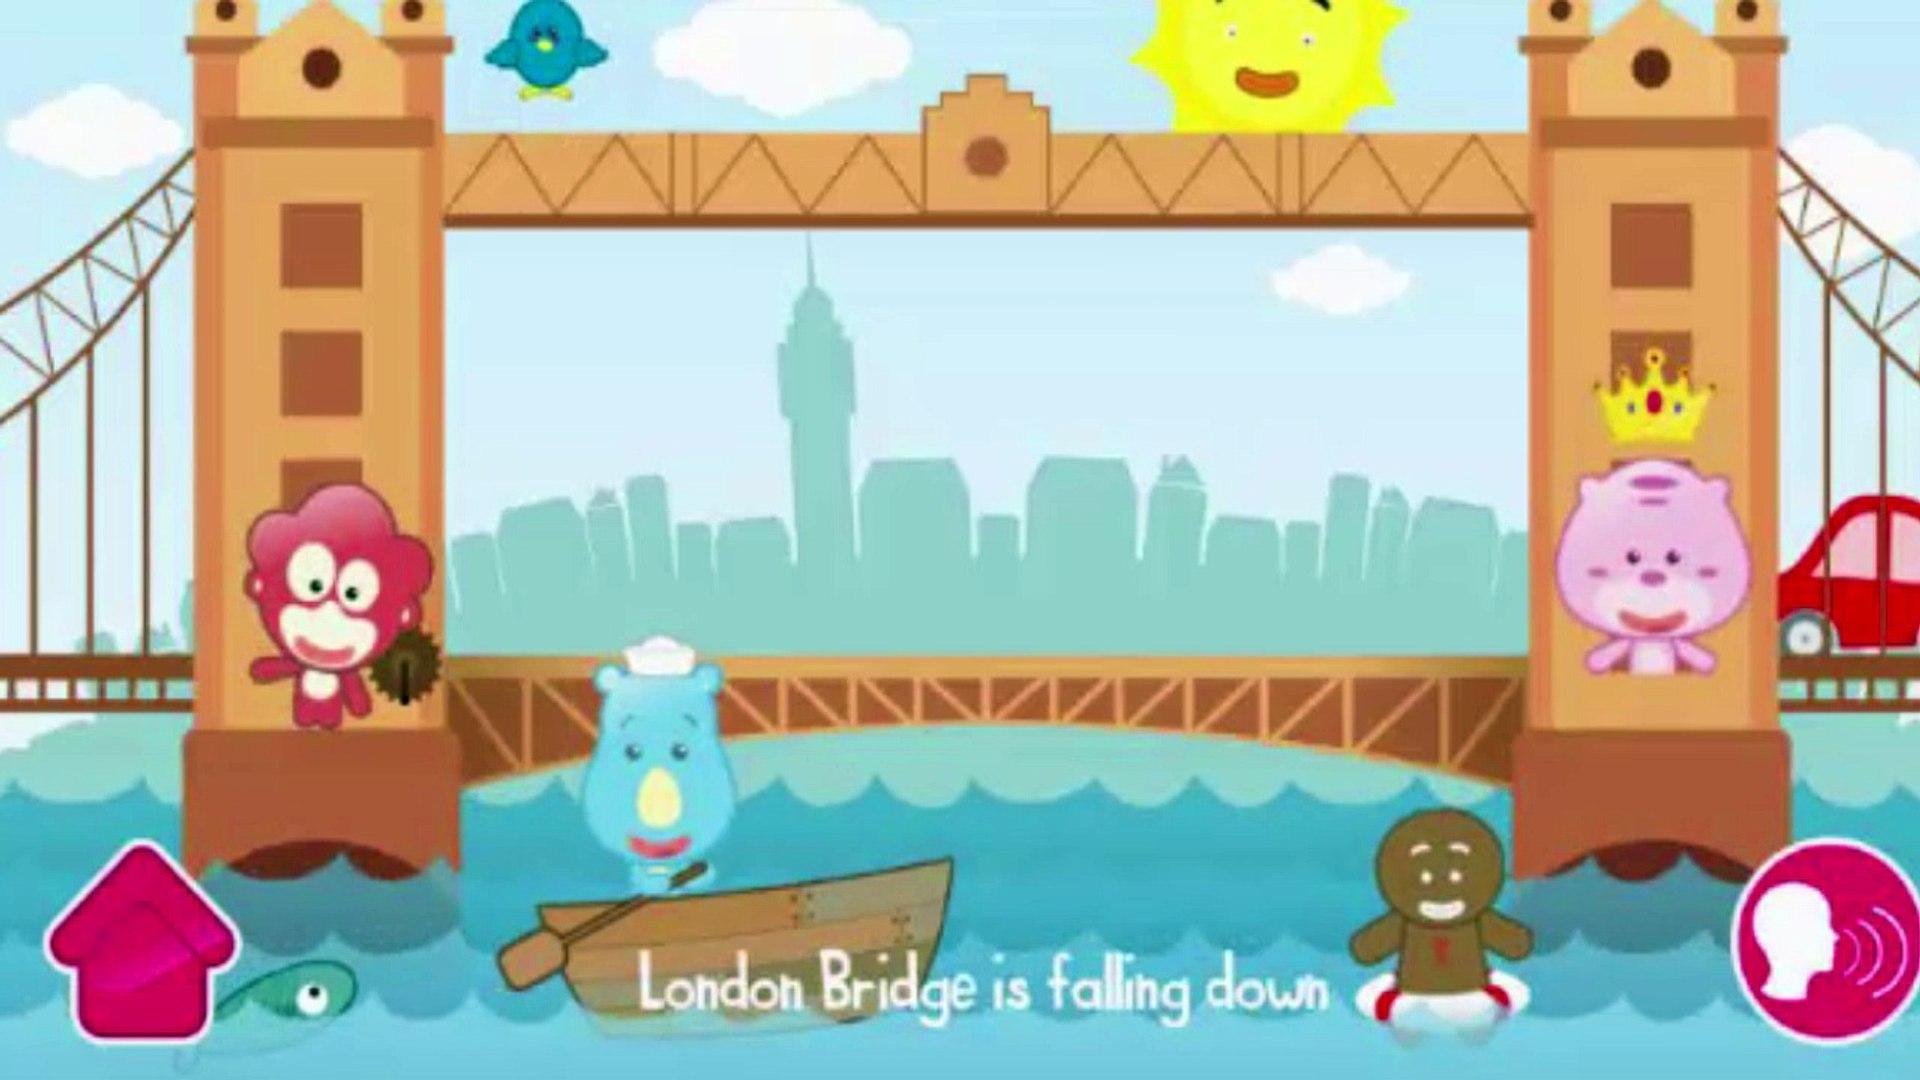 اغاني اطفال منوعة فيديو Dailymotion